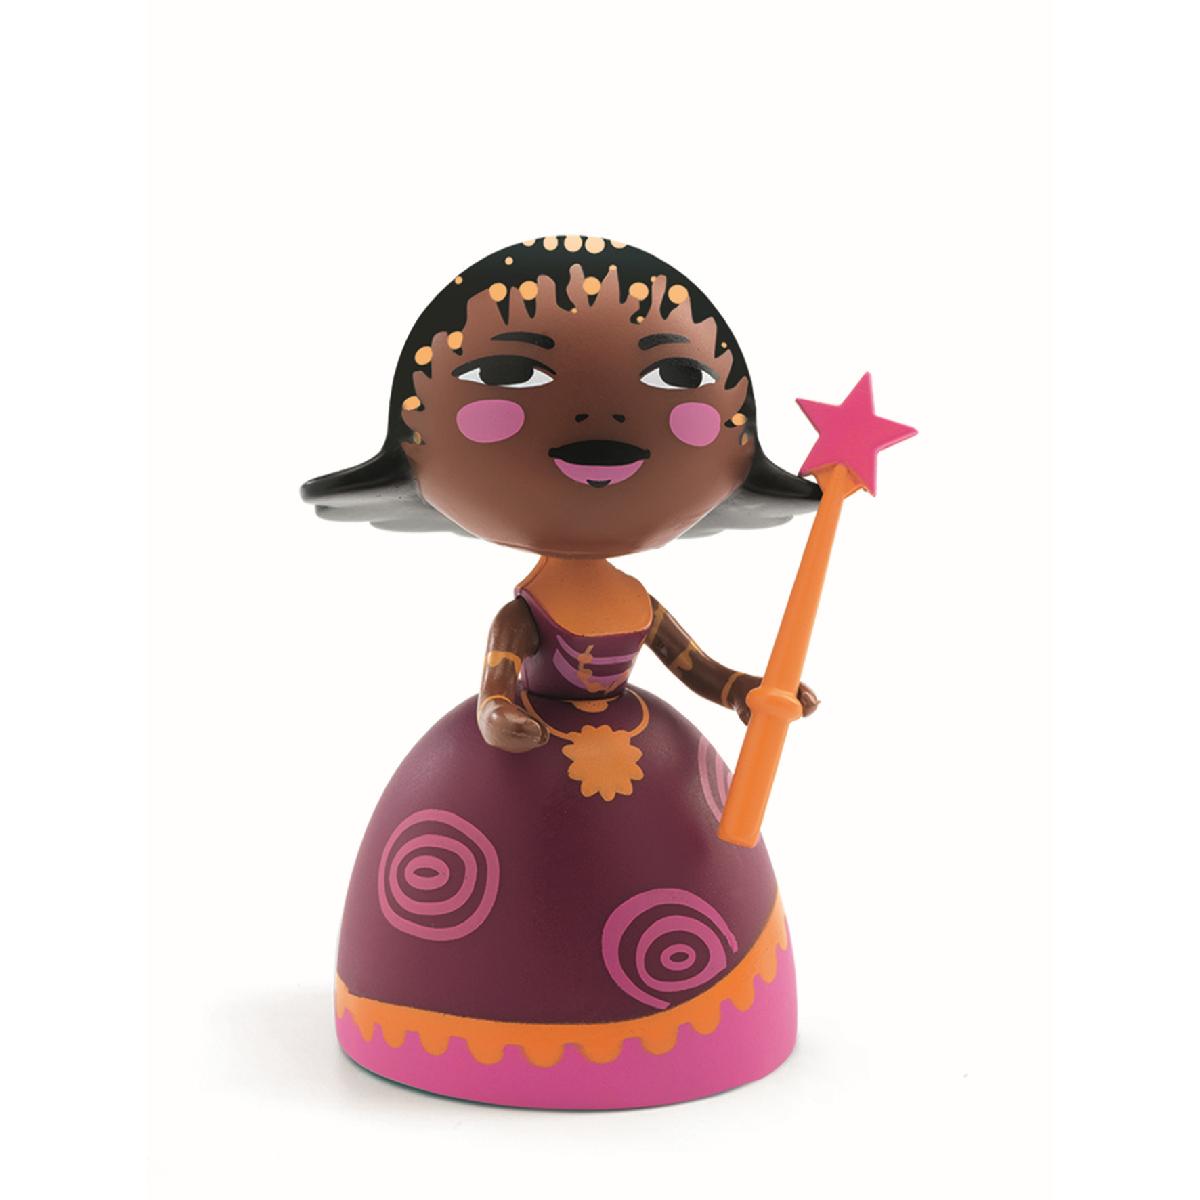 Kleine Spielfigur von Djeco Arty Toys. Der Kopf und die Arme können bewegt werden, der Zauberstab ist entfernbar und kann bei Bedarf wieder angesteckt werden.